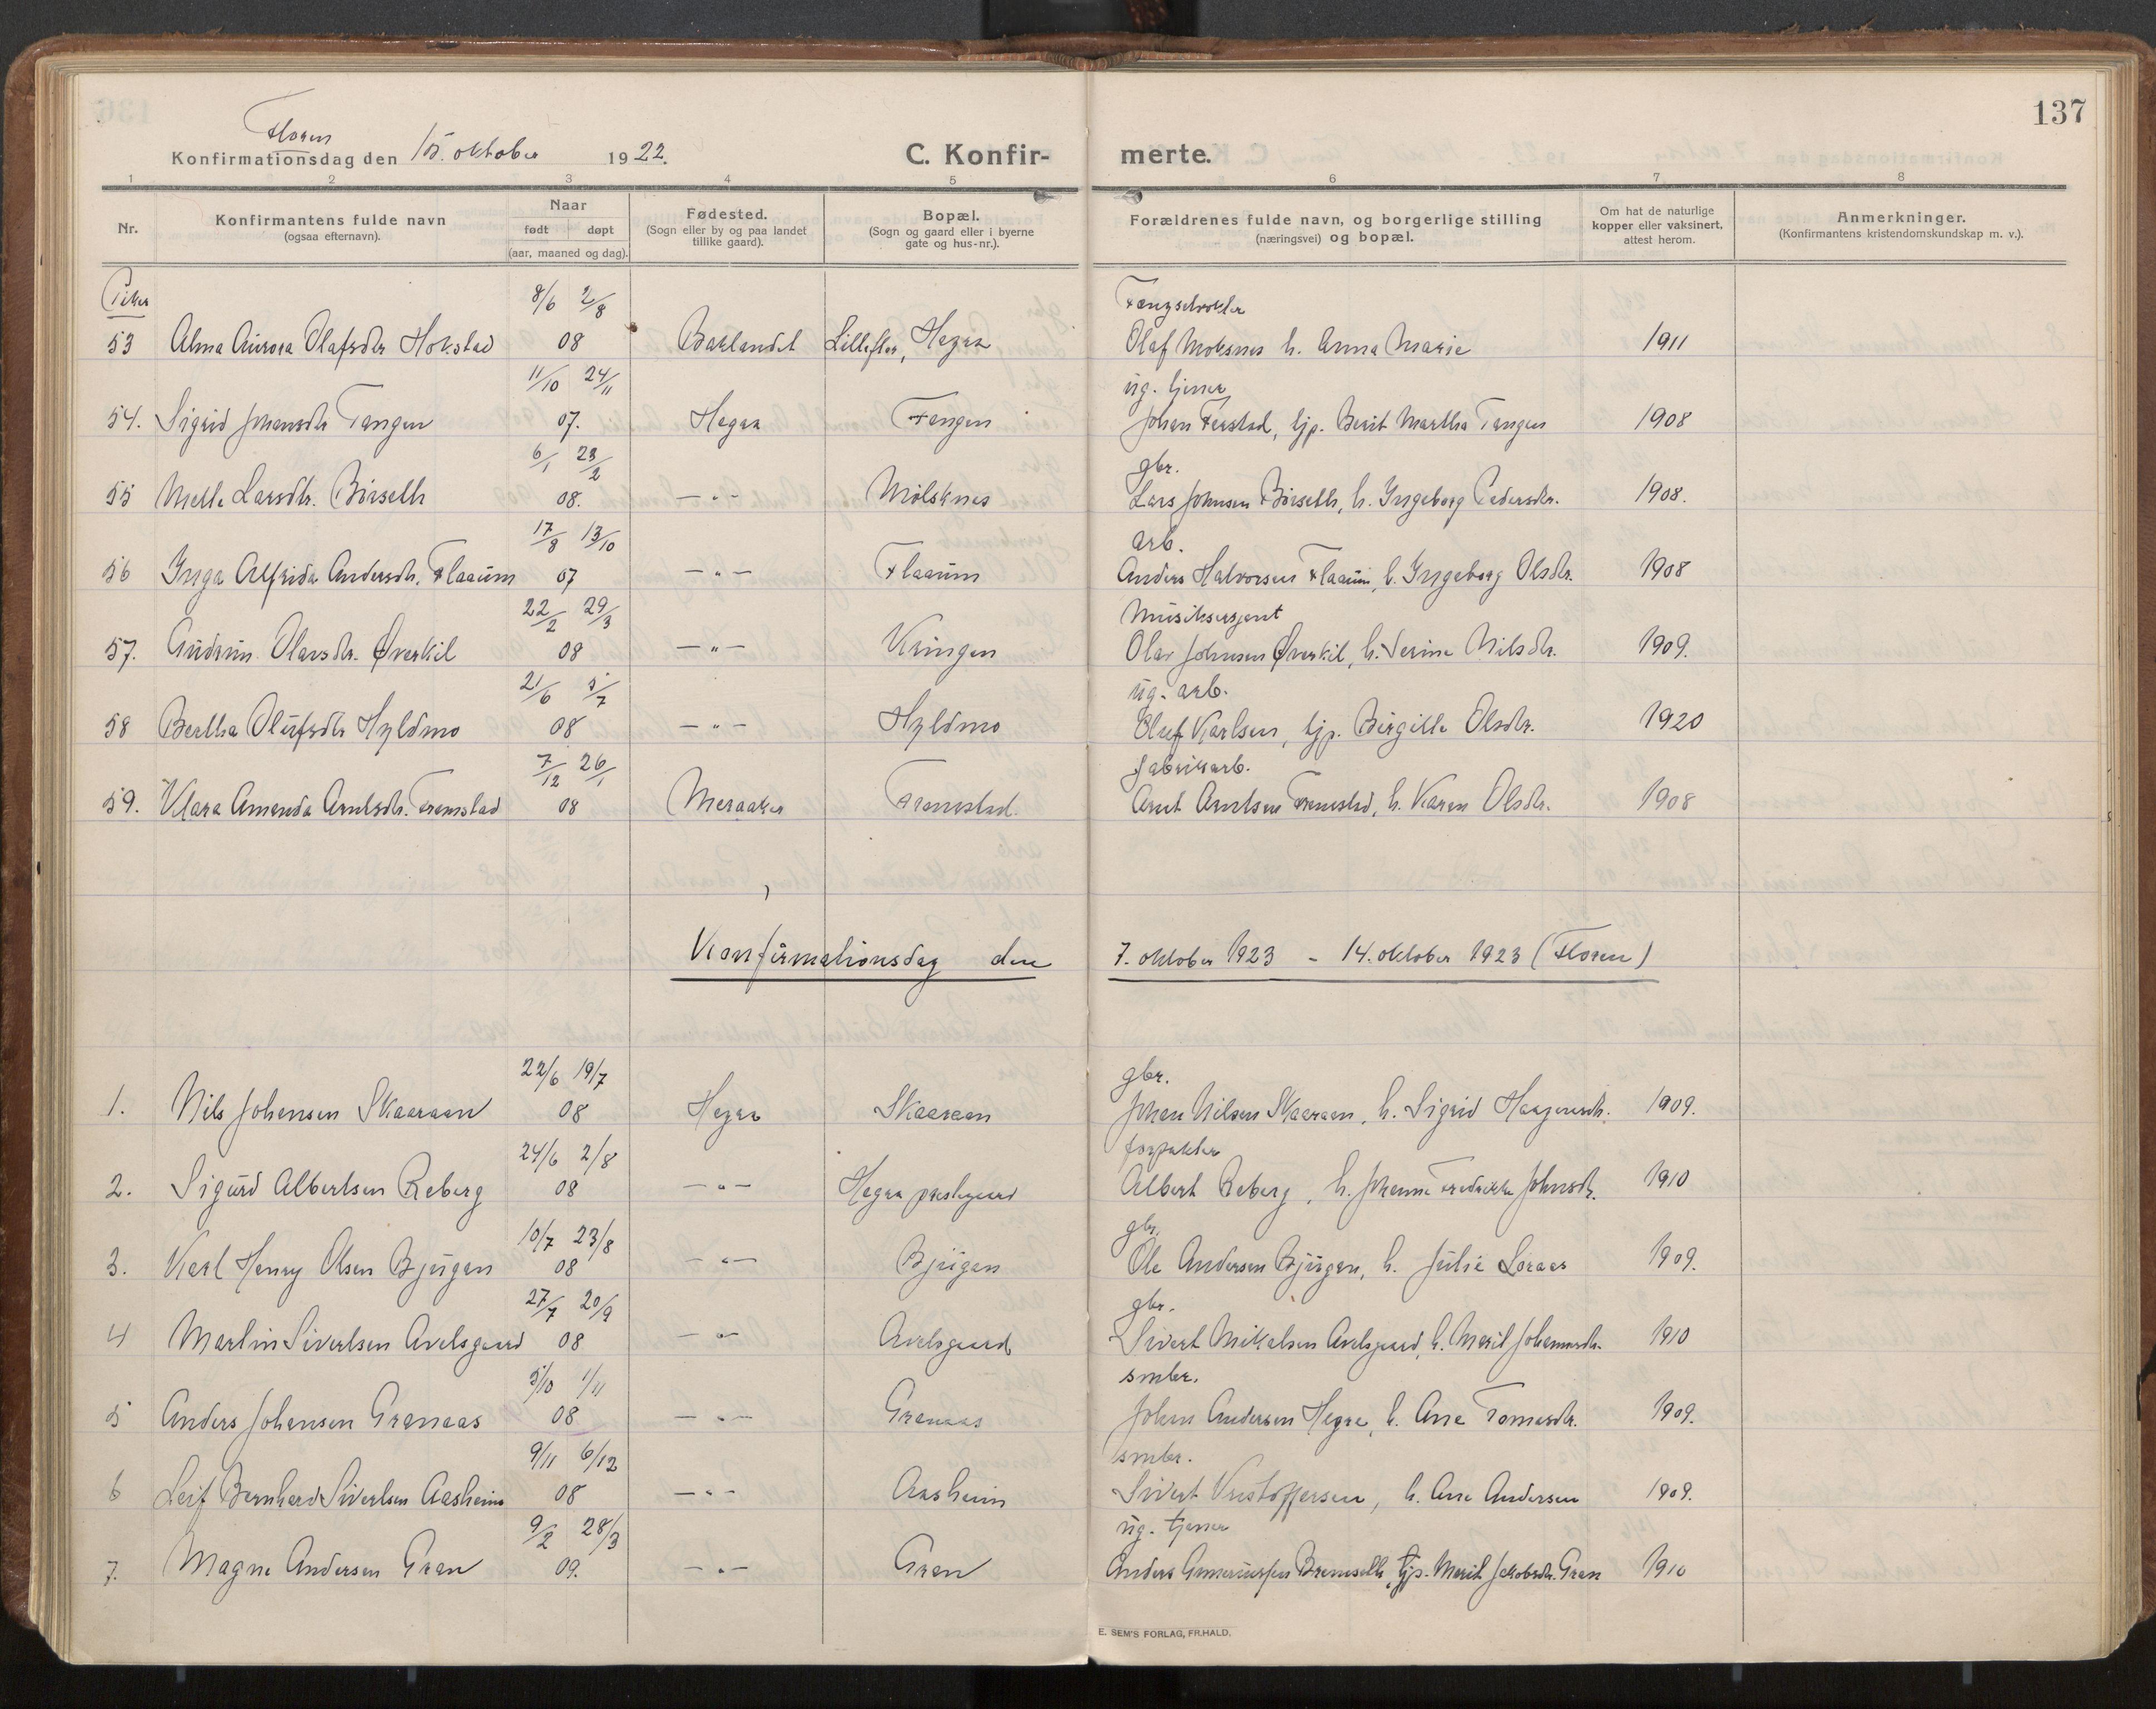 SAT, Ministerialprotokoller, klokkerbøker og fødselsregistre - Nord-Trøndelag, 703/L0037: Parish register (official) no. 703A10, 1915-1932, p. 137